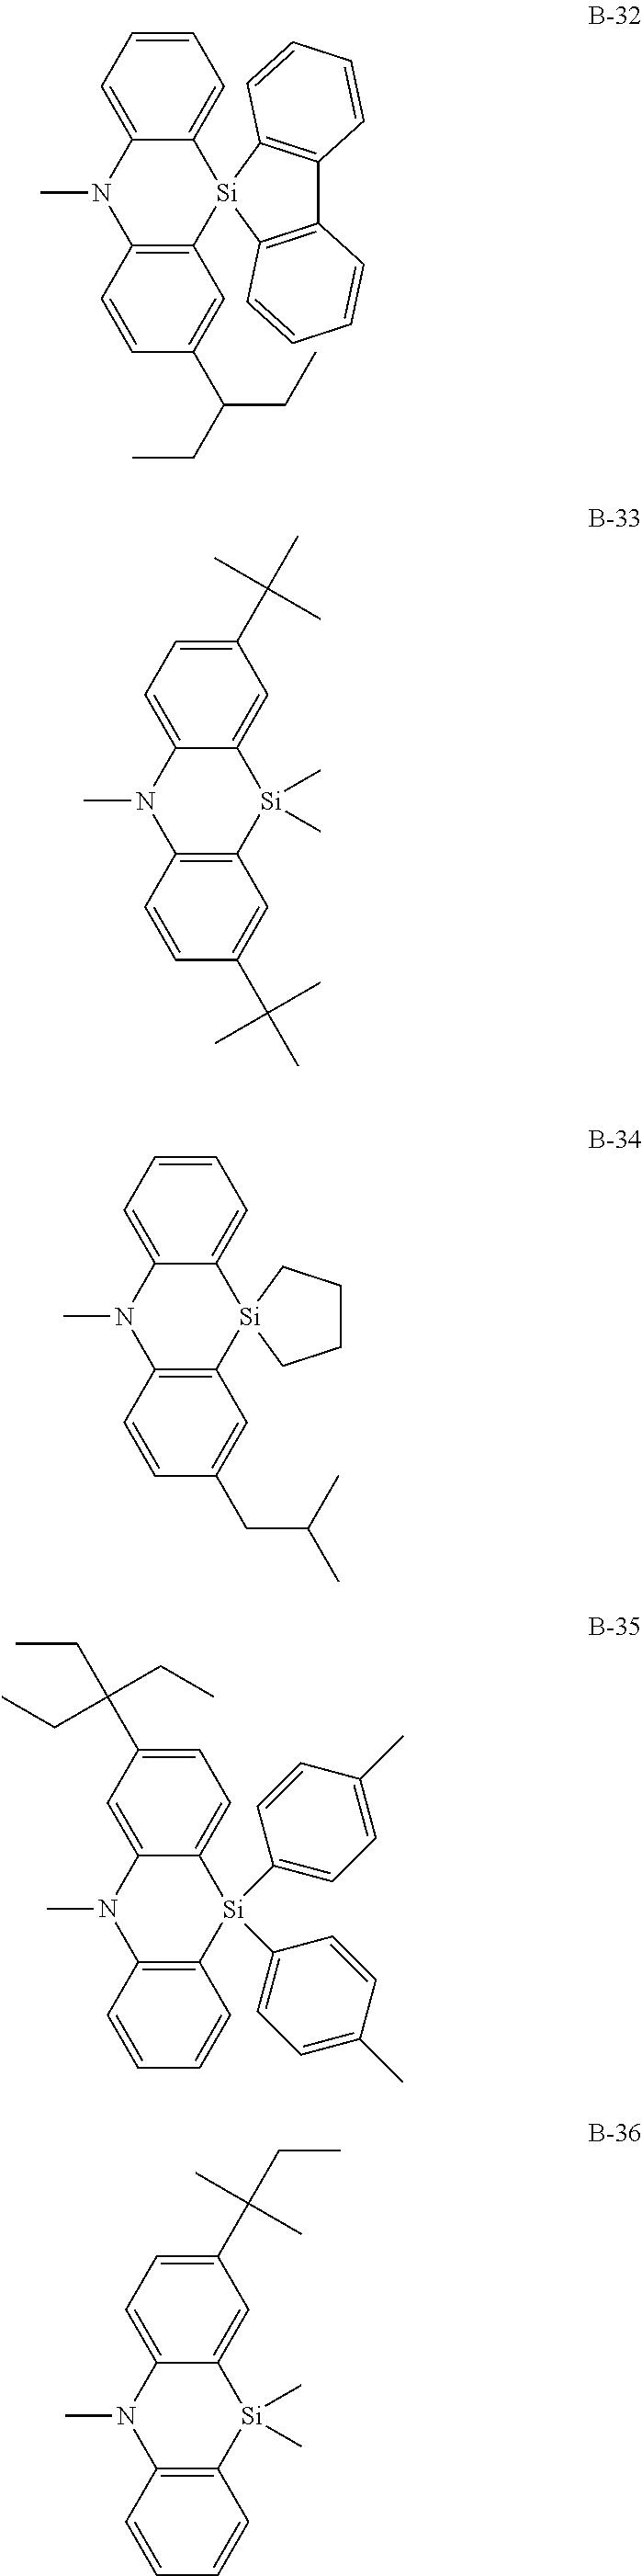 Figure US08847141-20140930-C00036